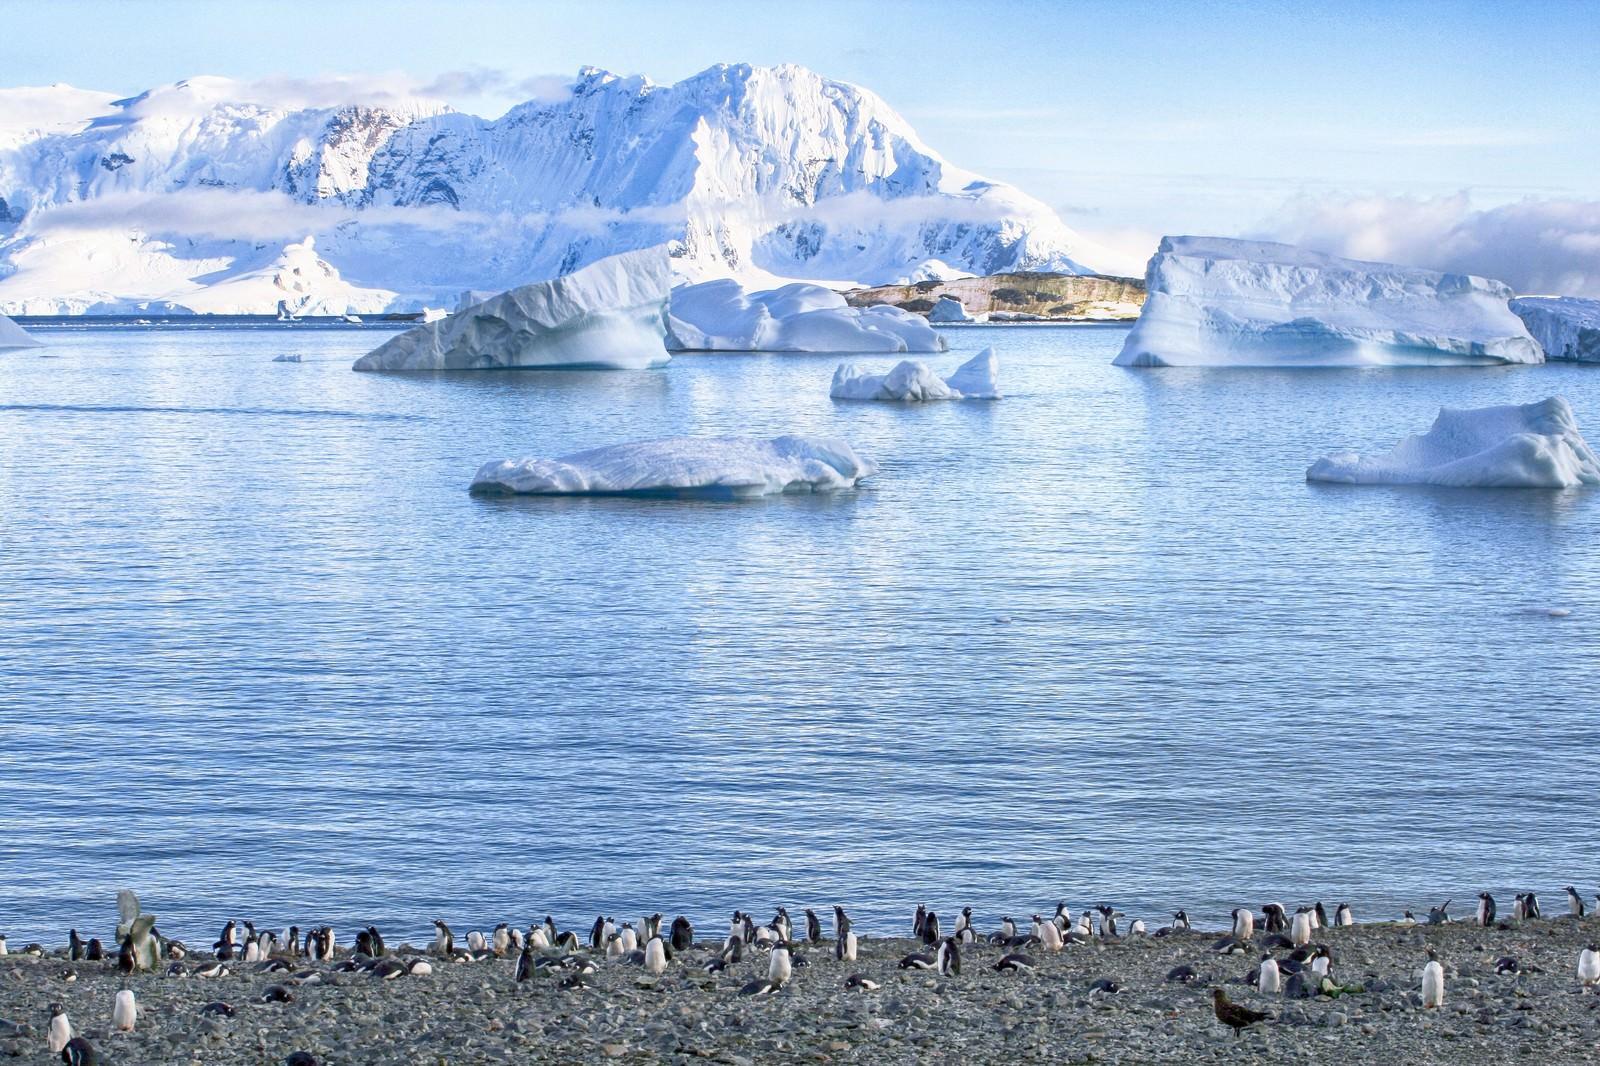 「クーパービル島からのペンギンの群れ」の写真